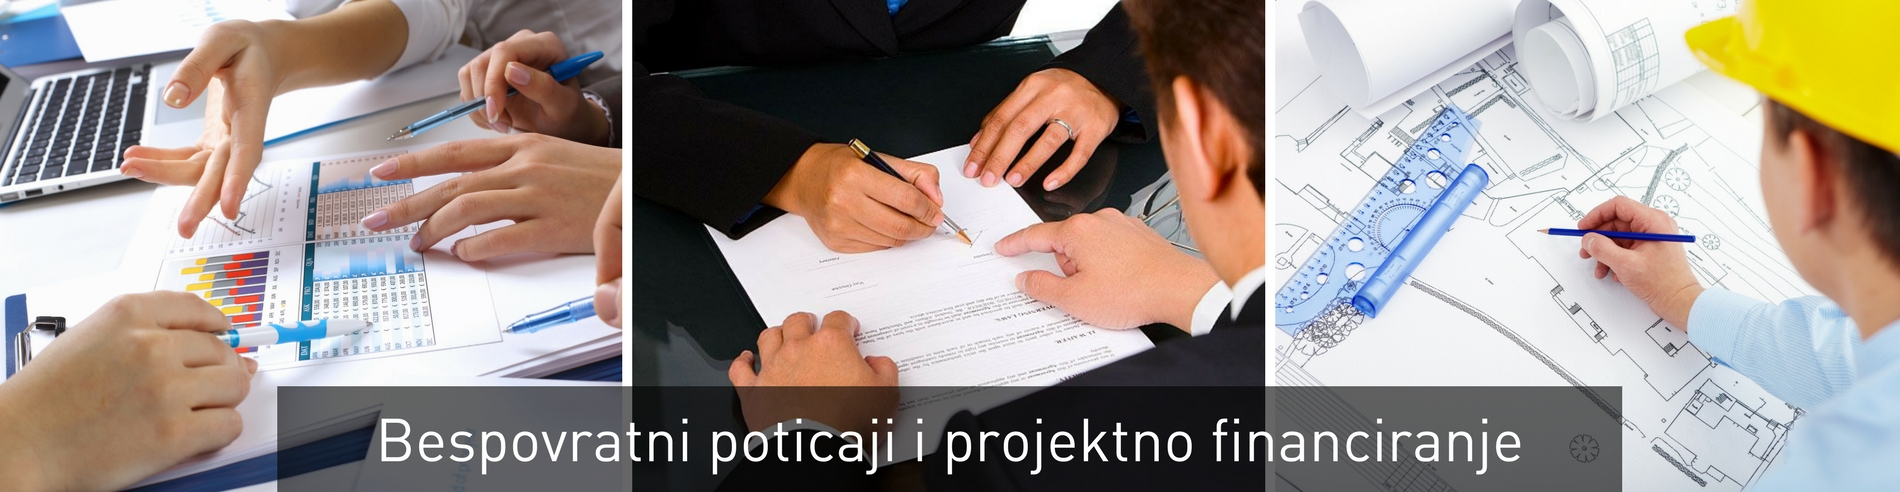 Bespovratni poticaji i projektno financiranje - Speculum